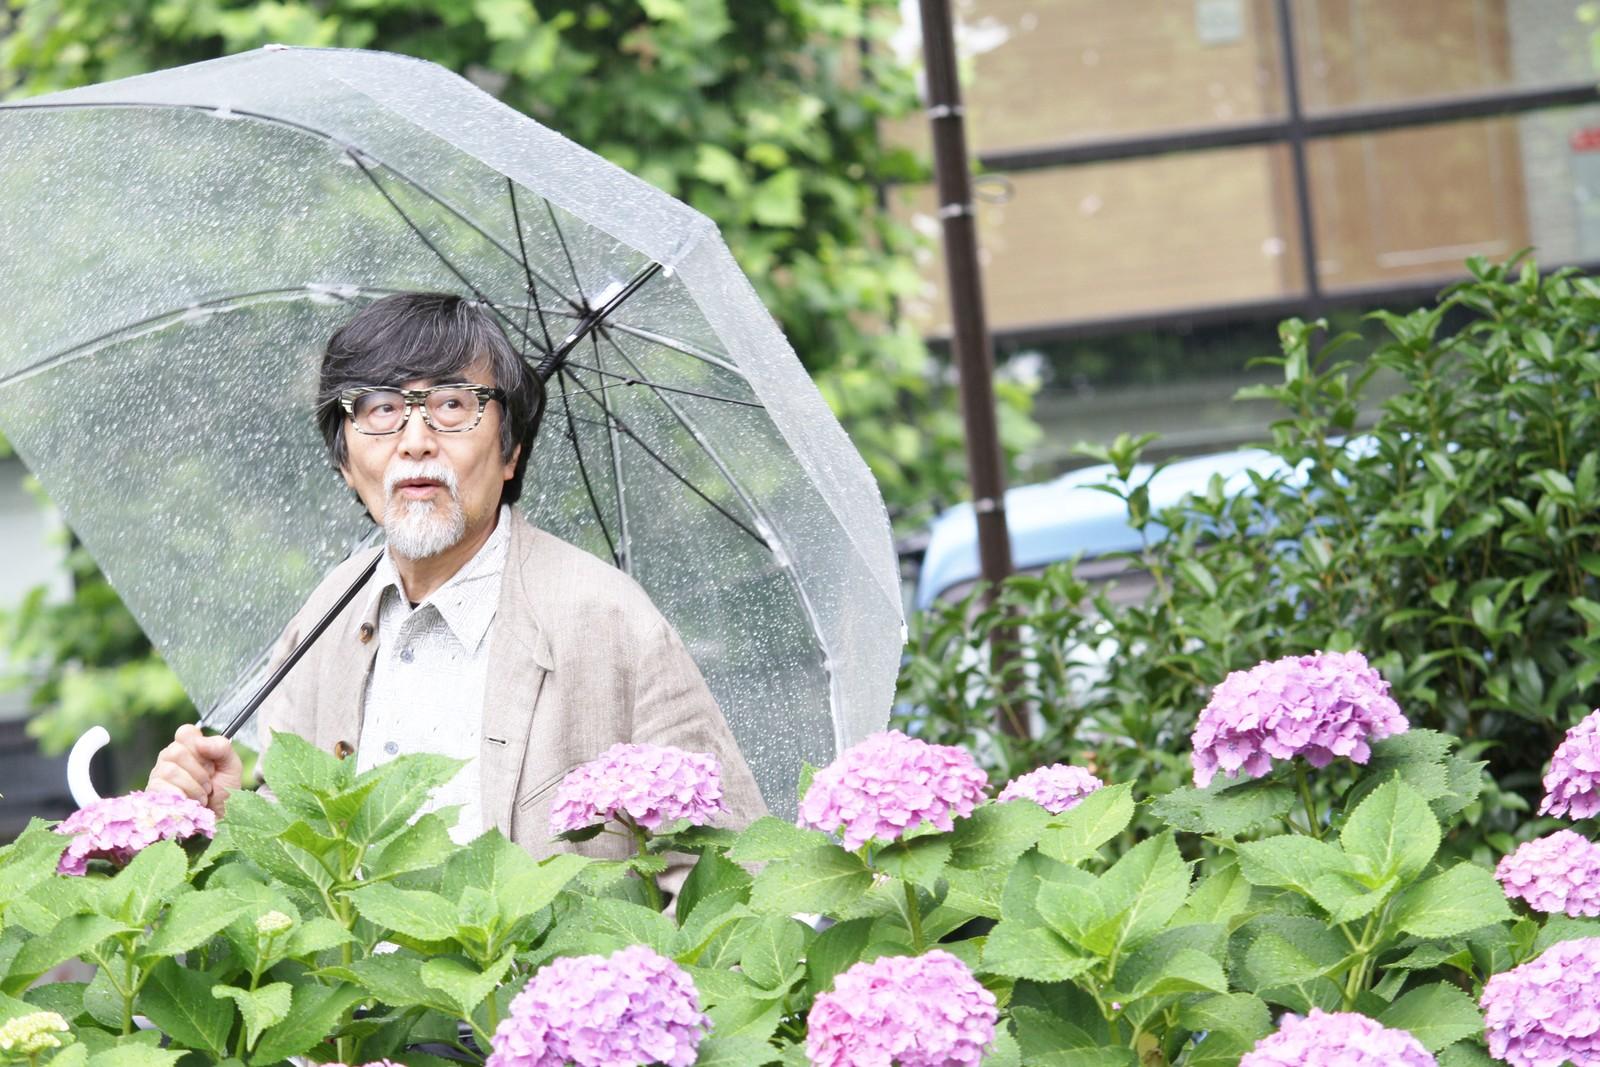 紫陽花に隠れて人間観察するおじいちゃん,シニア,写真,画像,素材,老人,高齢者,フリー